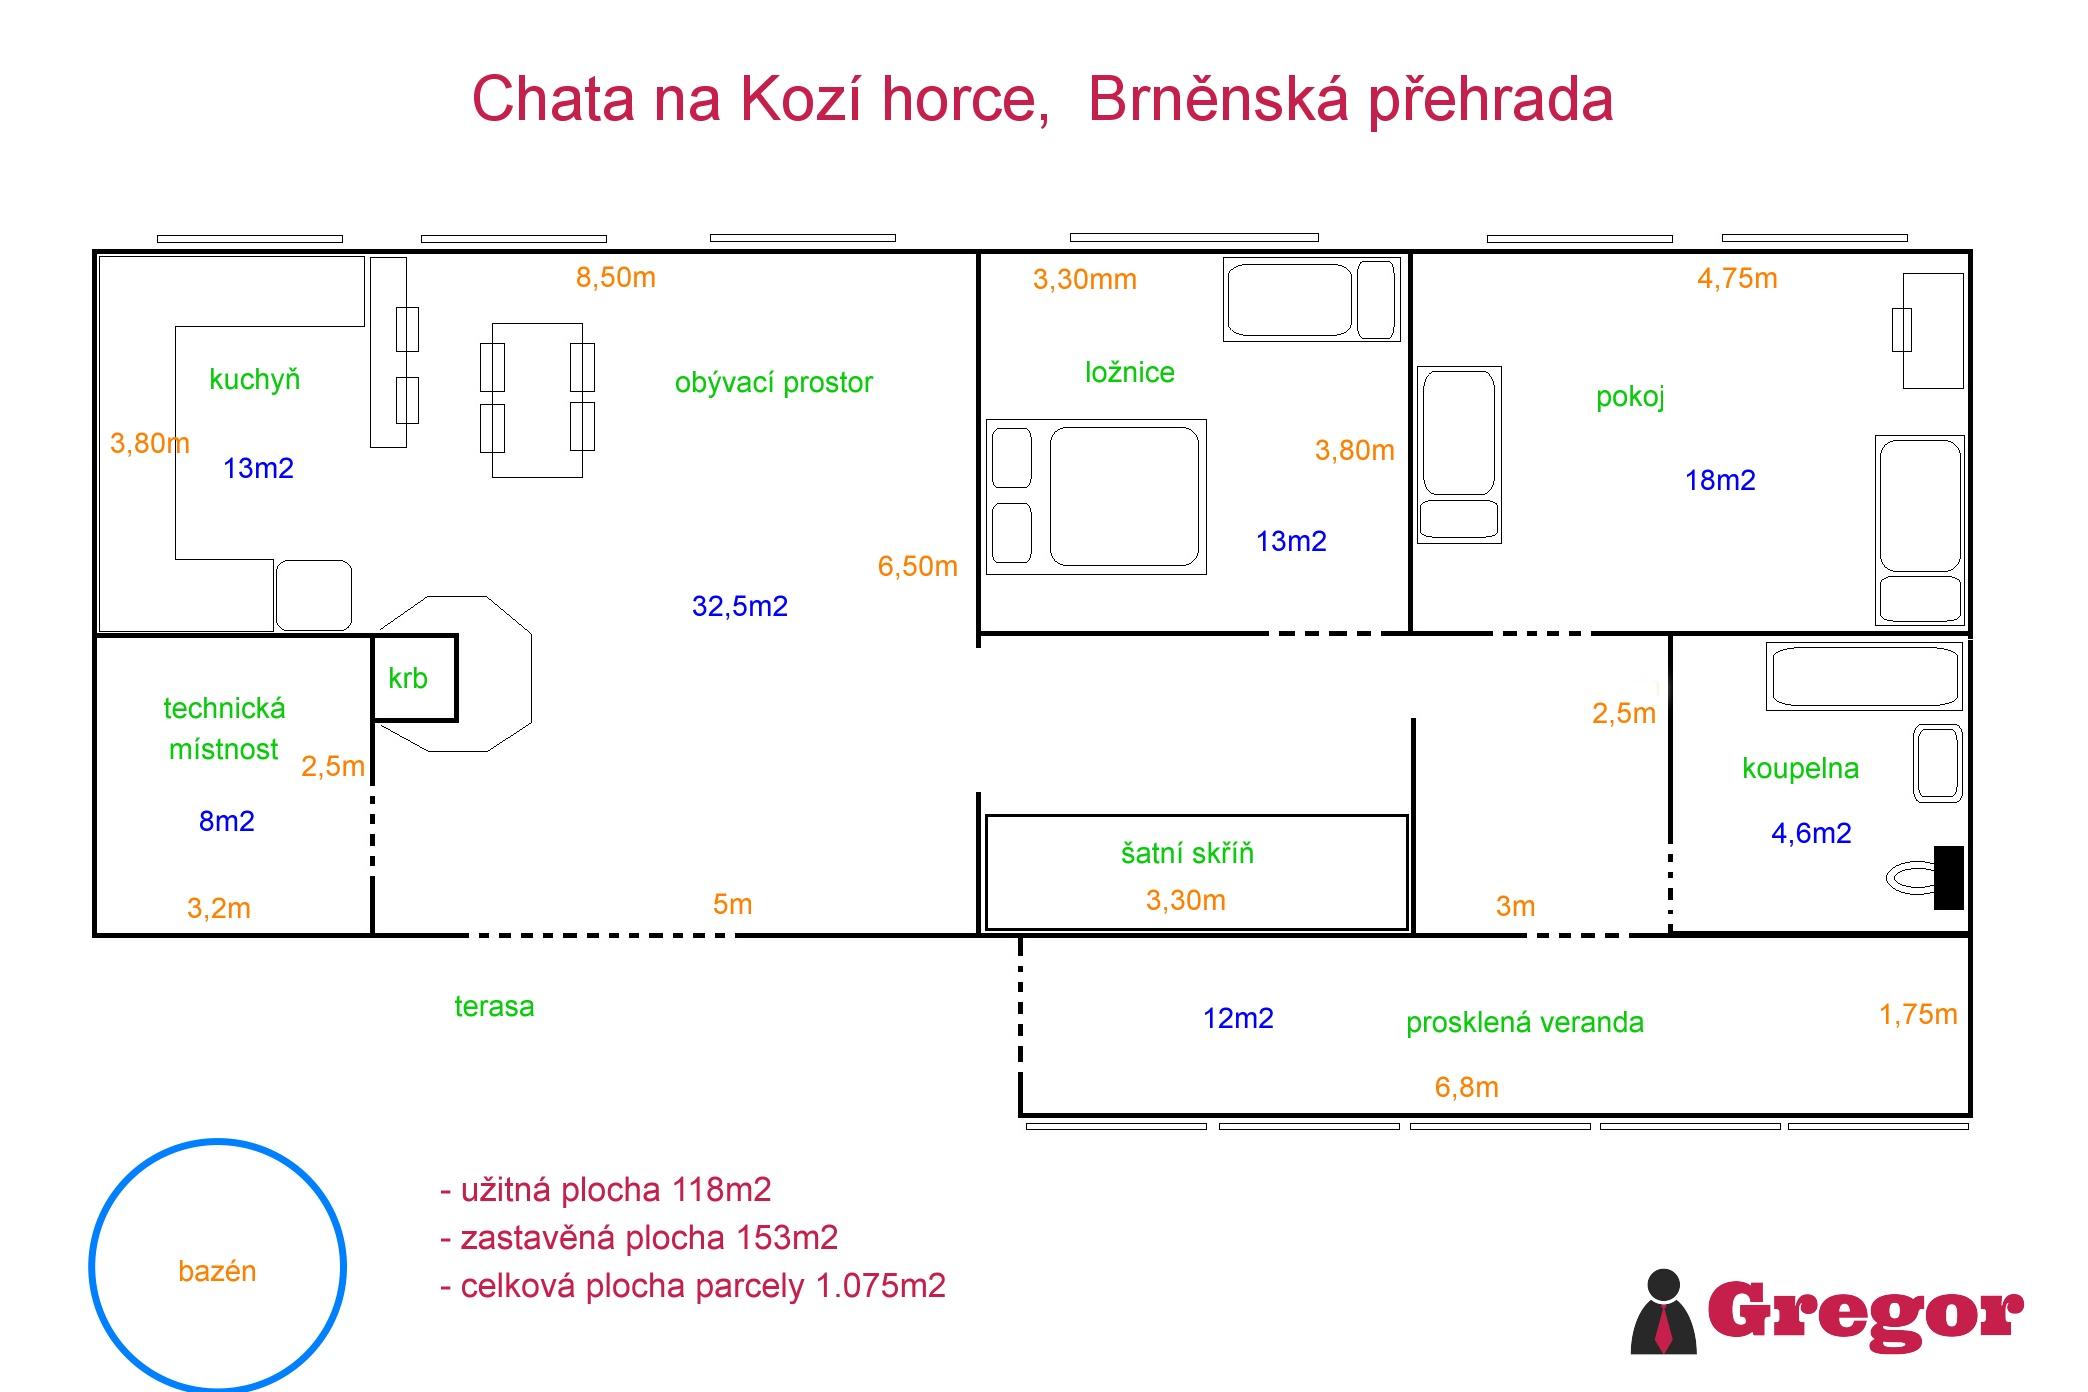 Půdorys_Chata_Přehrada_Brno